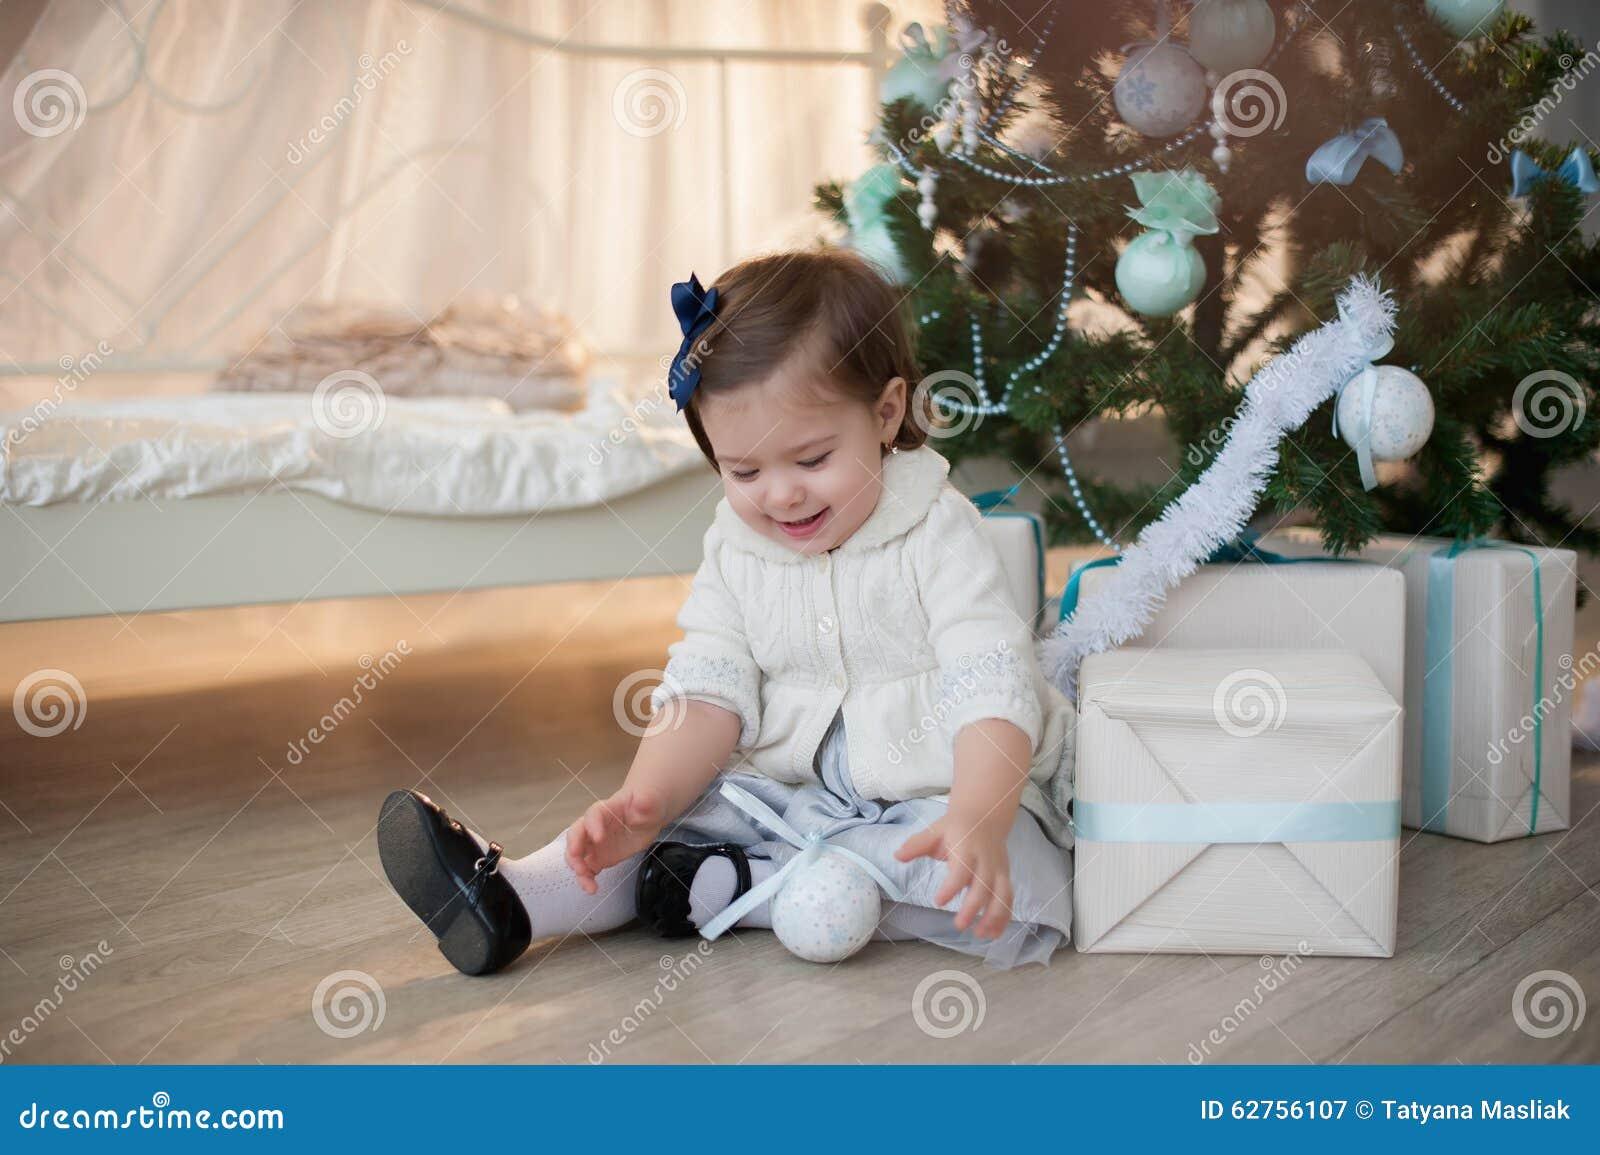 Kleines Mädchen nahe Weihnachtsbaum mit Geschenken freut sich Feiertag, neues Jahr, Dekorationen, Geschenk, Kasten, Feiertag, Leb